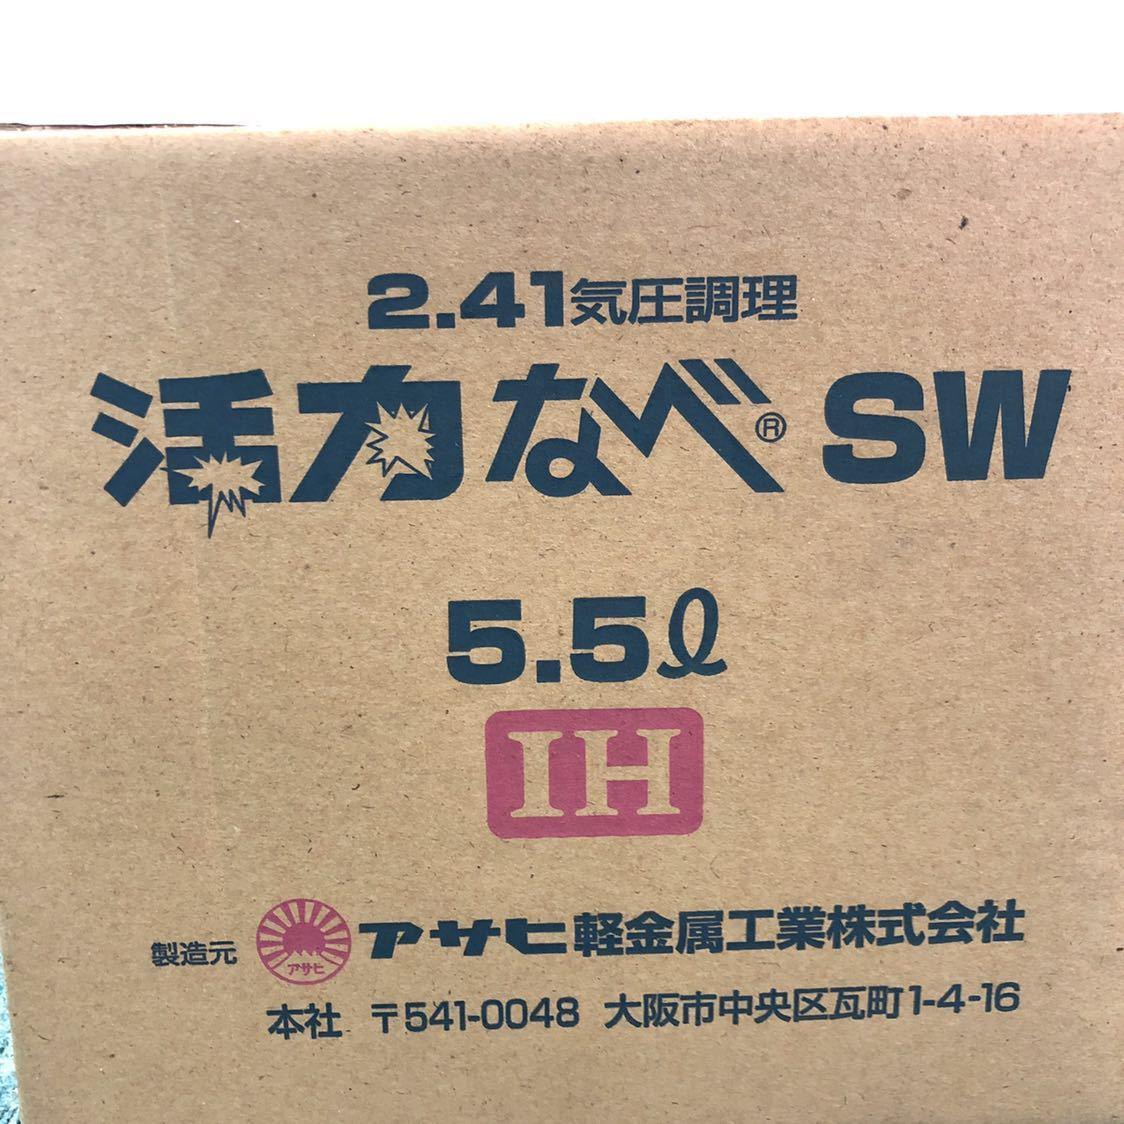 【未使用品】アサヒ軽金属 活力なべSW型(圧力なべ 圧力鍋) *5.5L IH対応 *本体 ふた オモリ 掃除棒 本付き*激安スタート_画像2